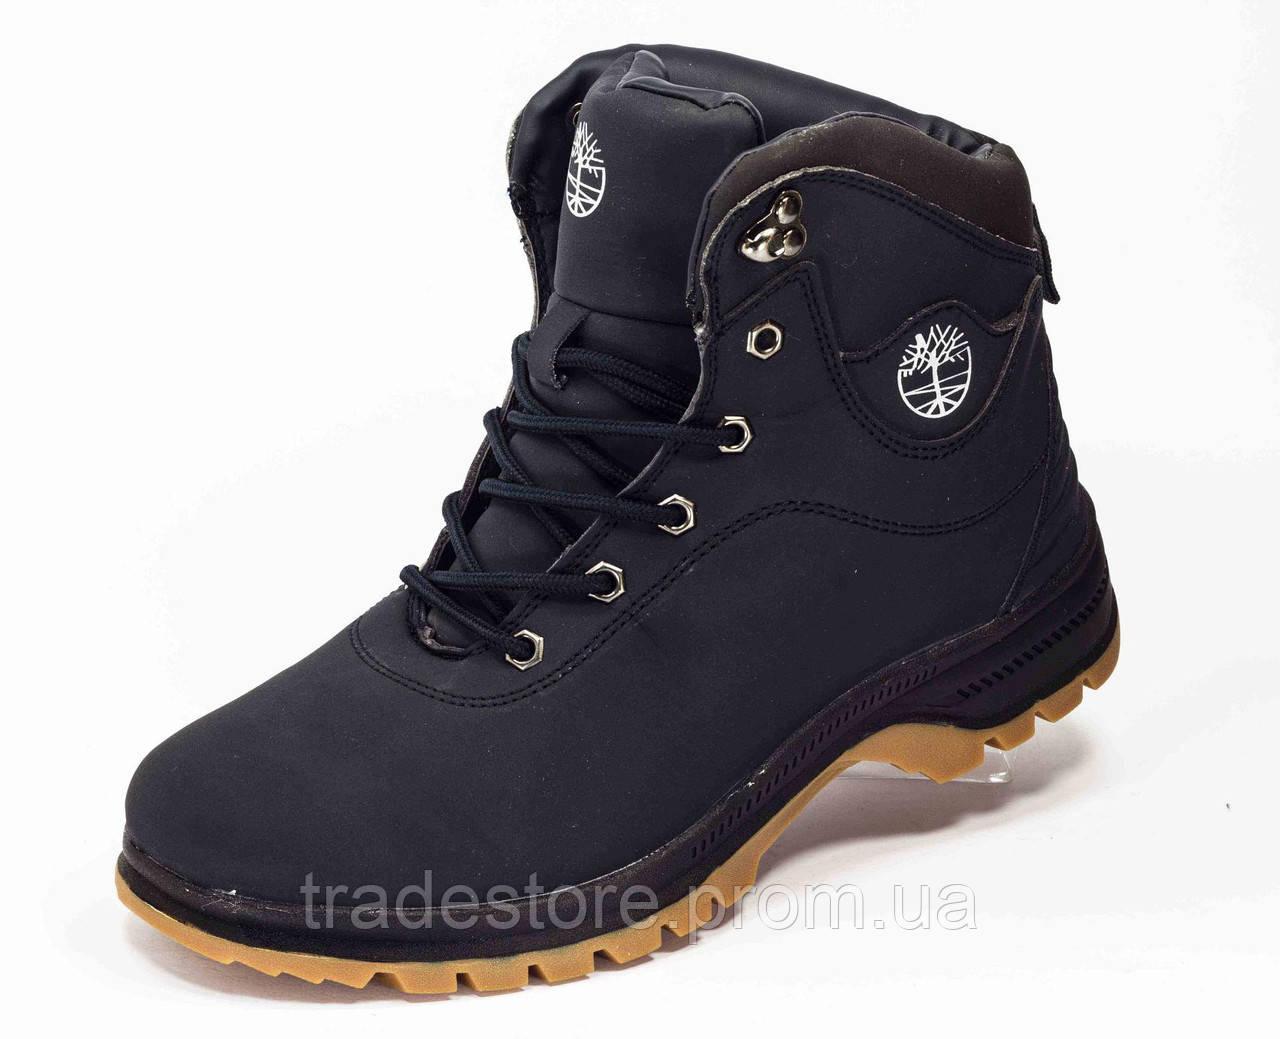 Женские зимние ботинки в Стиле Timberland